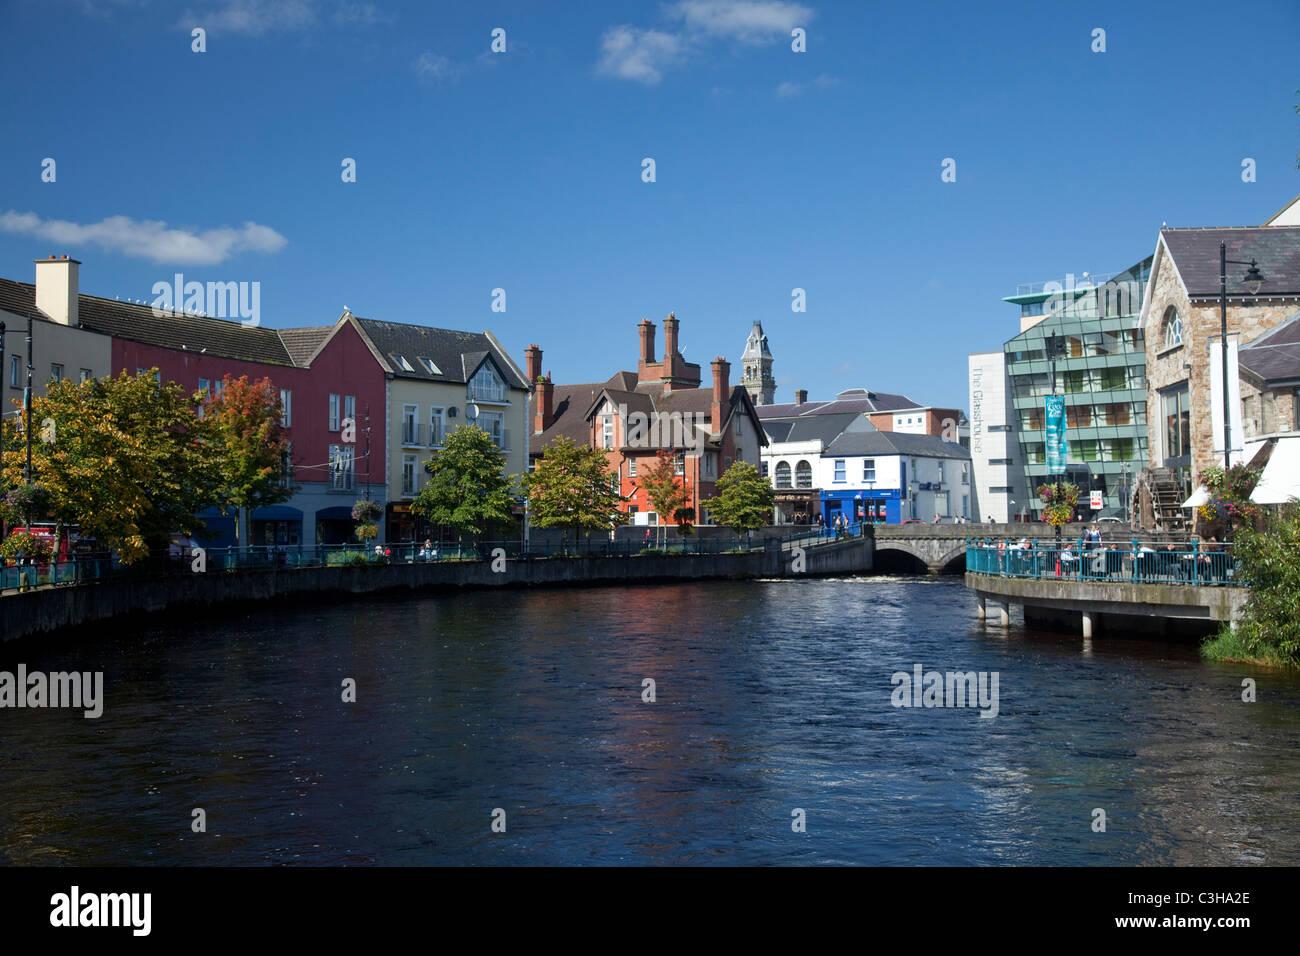 Sligo town centre along the Garavogue River, County Sligo, Ireland. - Stock Image